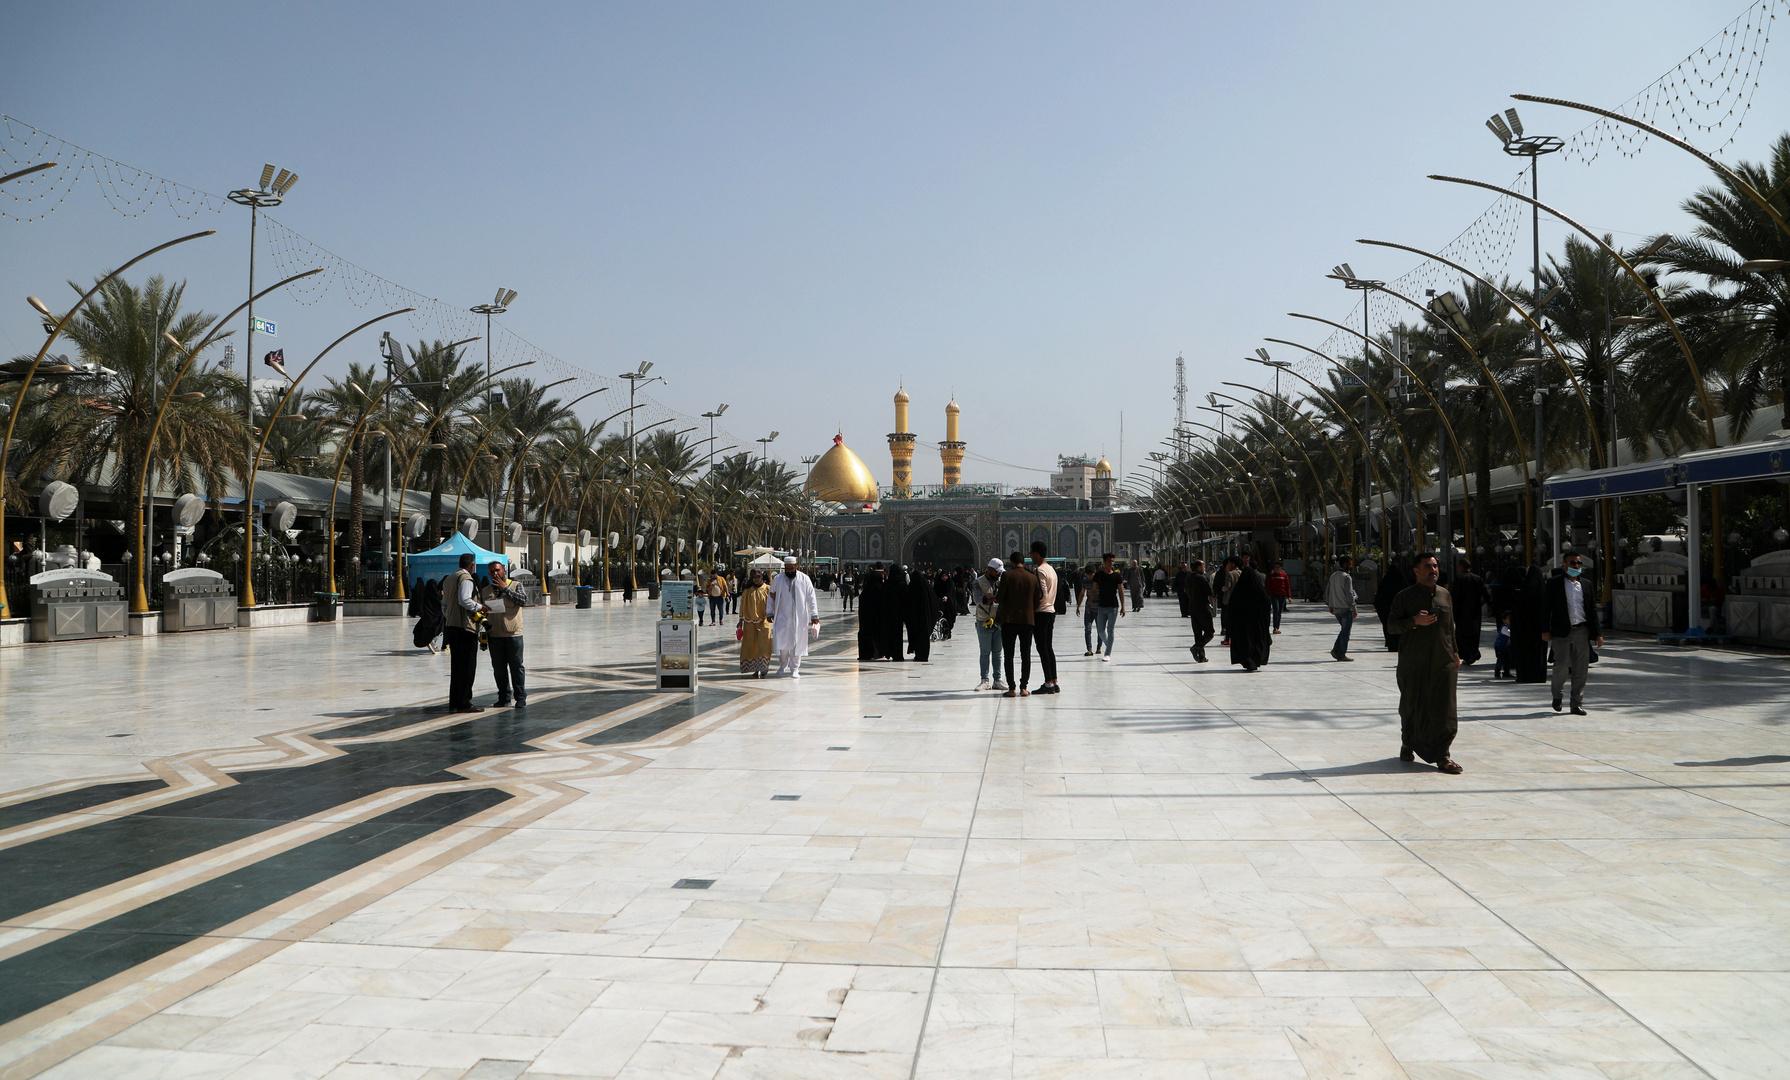 إلغاء صلاة الجمعة في كربلاء للأسبوع الثاني على التوالي